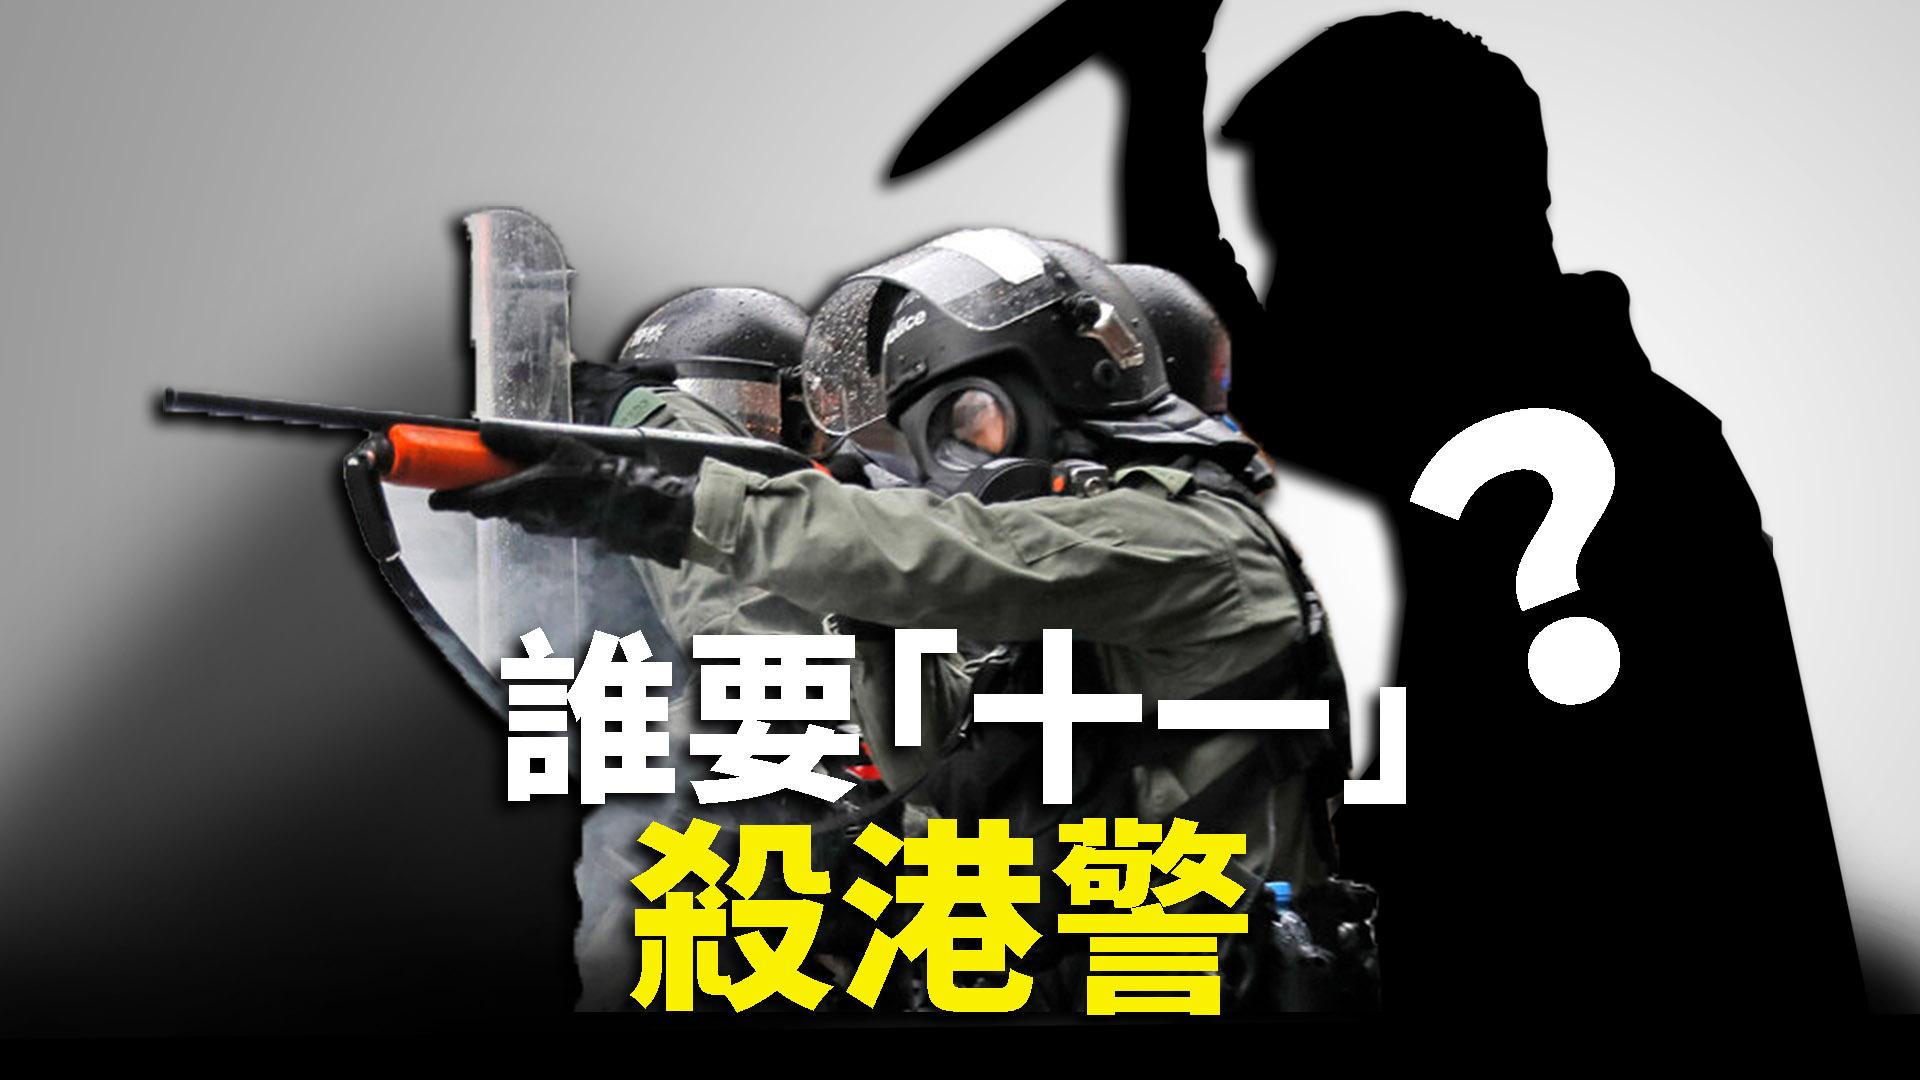 香港親共媒體接連傳出報道,宣稱香港有暴徒要在「十一」當天殺害警察,引起關注。(大紀元合成)